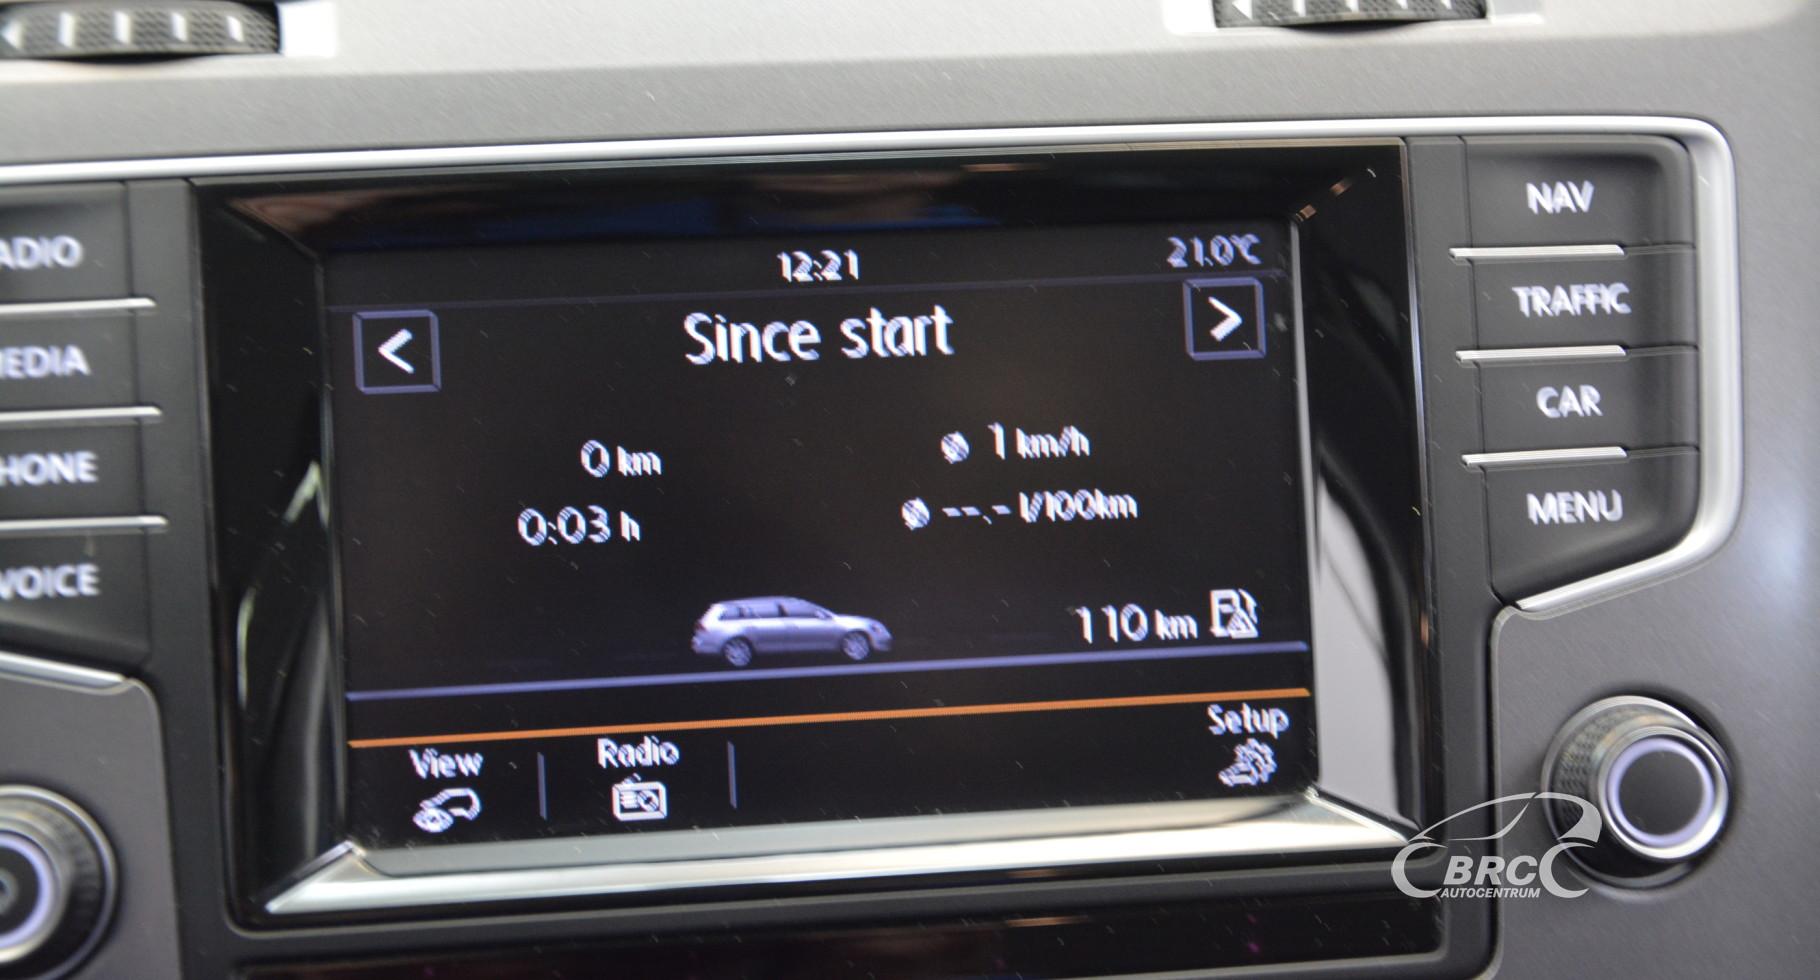 Volkswagen Golf 1.6 TDI Comfor Line Variant